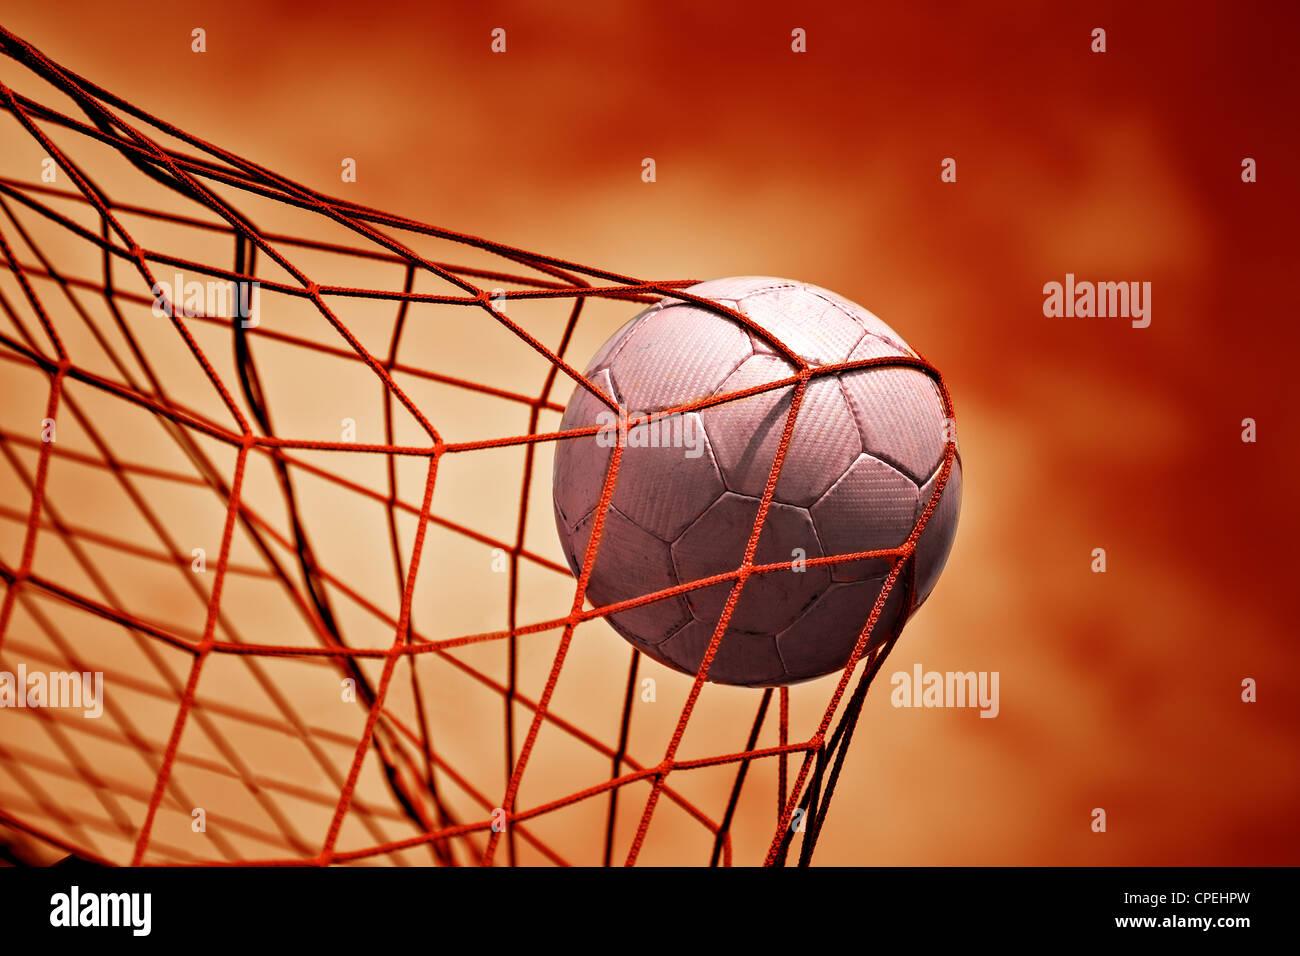 symbolisches Bild für Ziel mit einem Fußball im Netz Stockbild